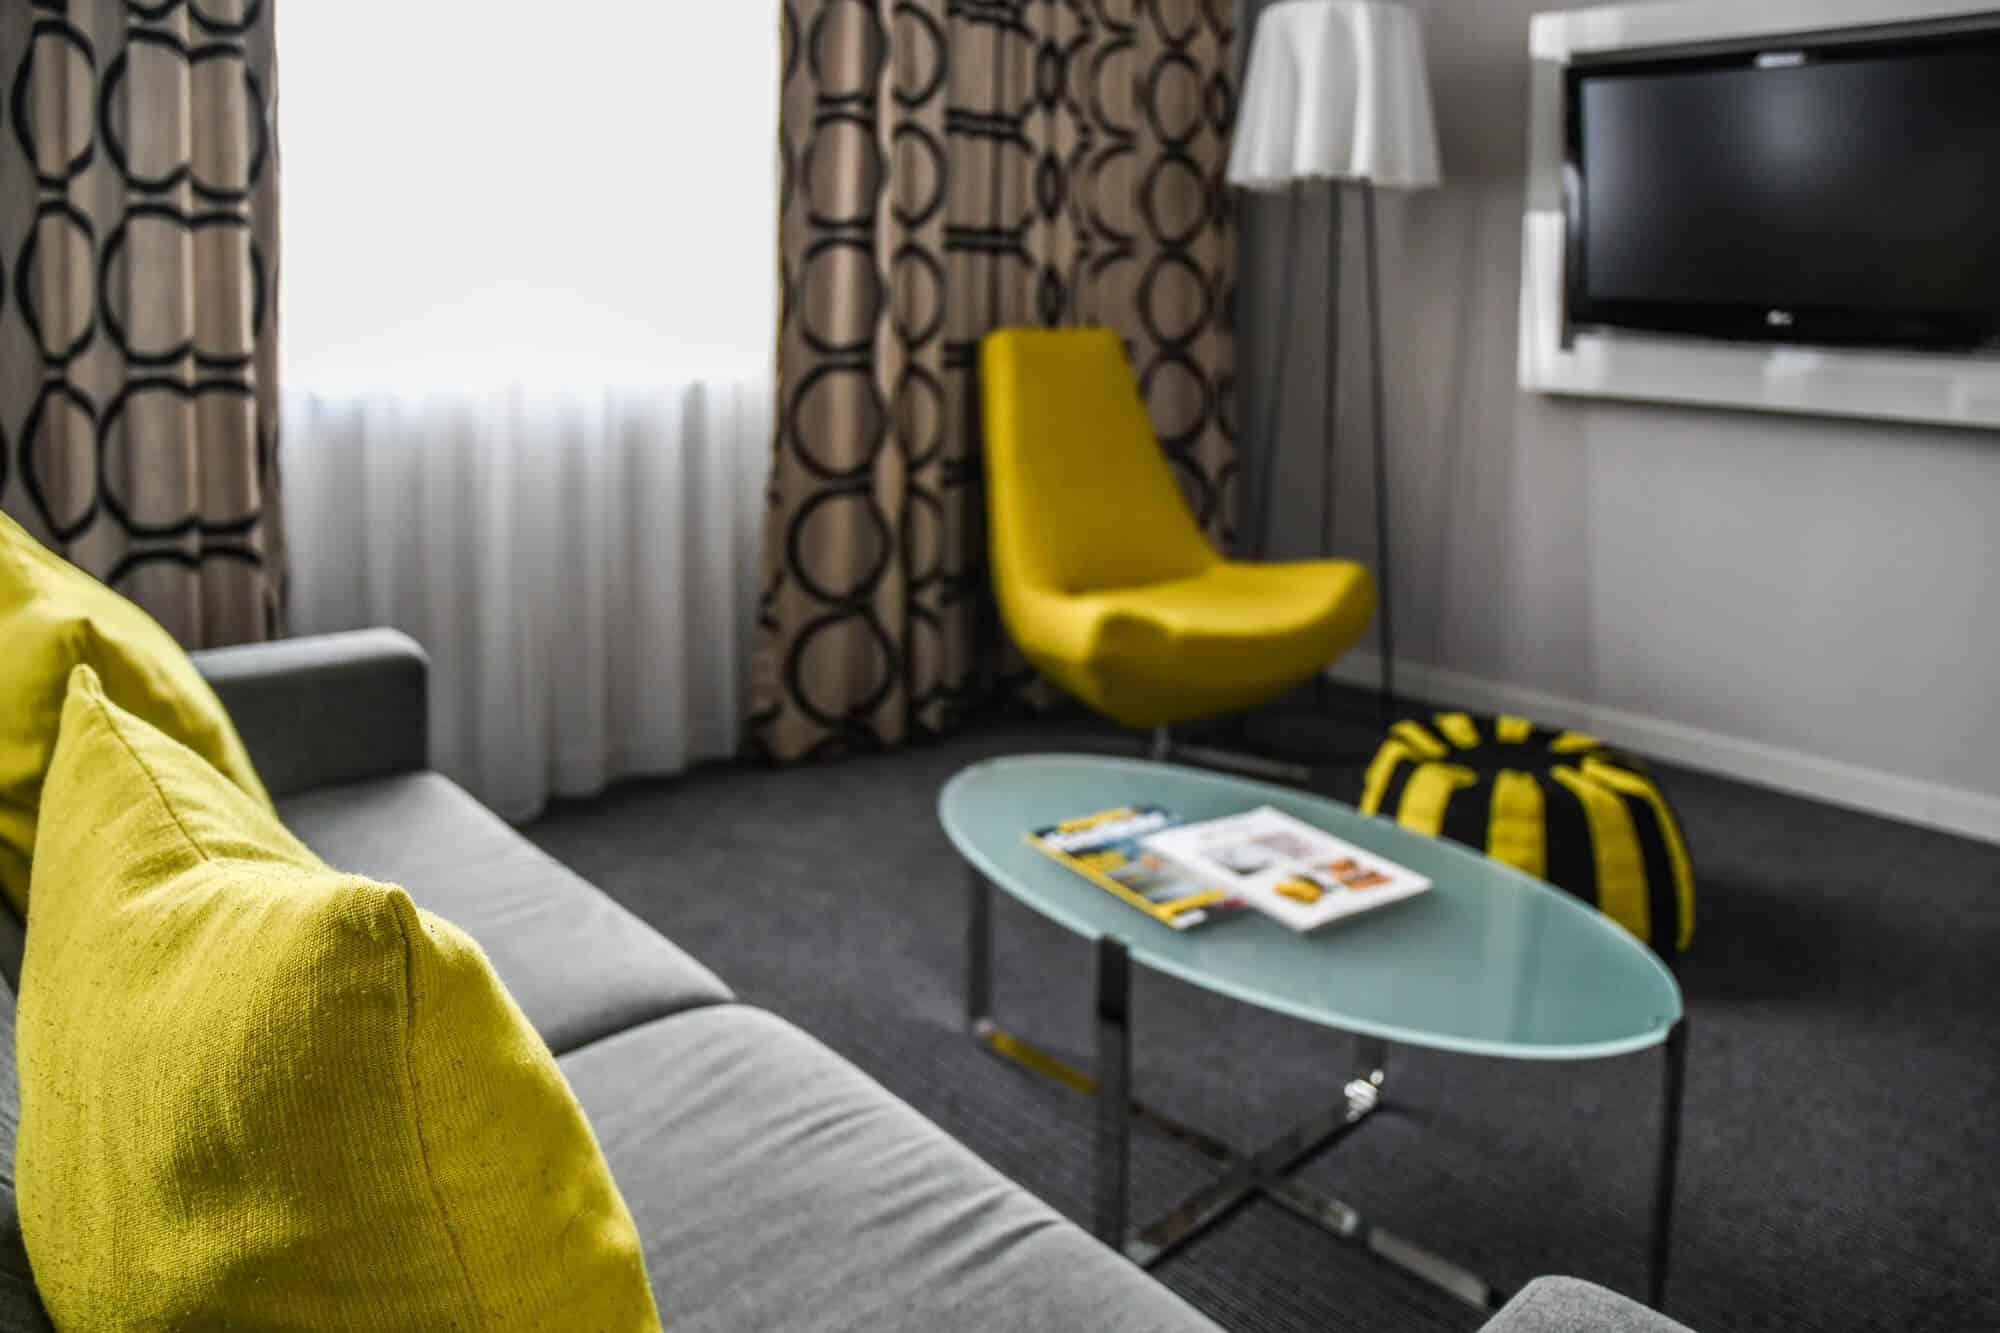 Vienna House Andel's Berlin – Das Zimmer